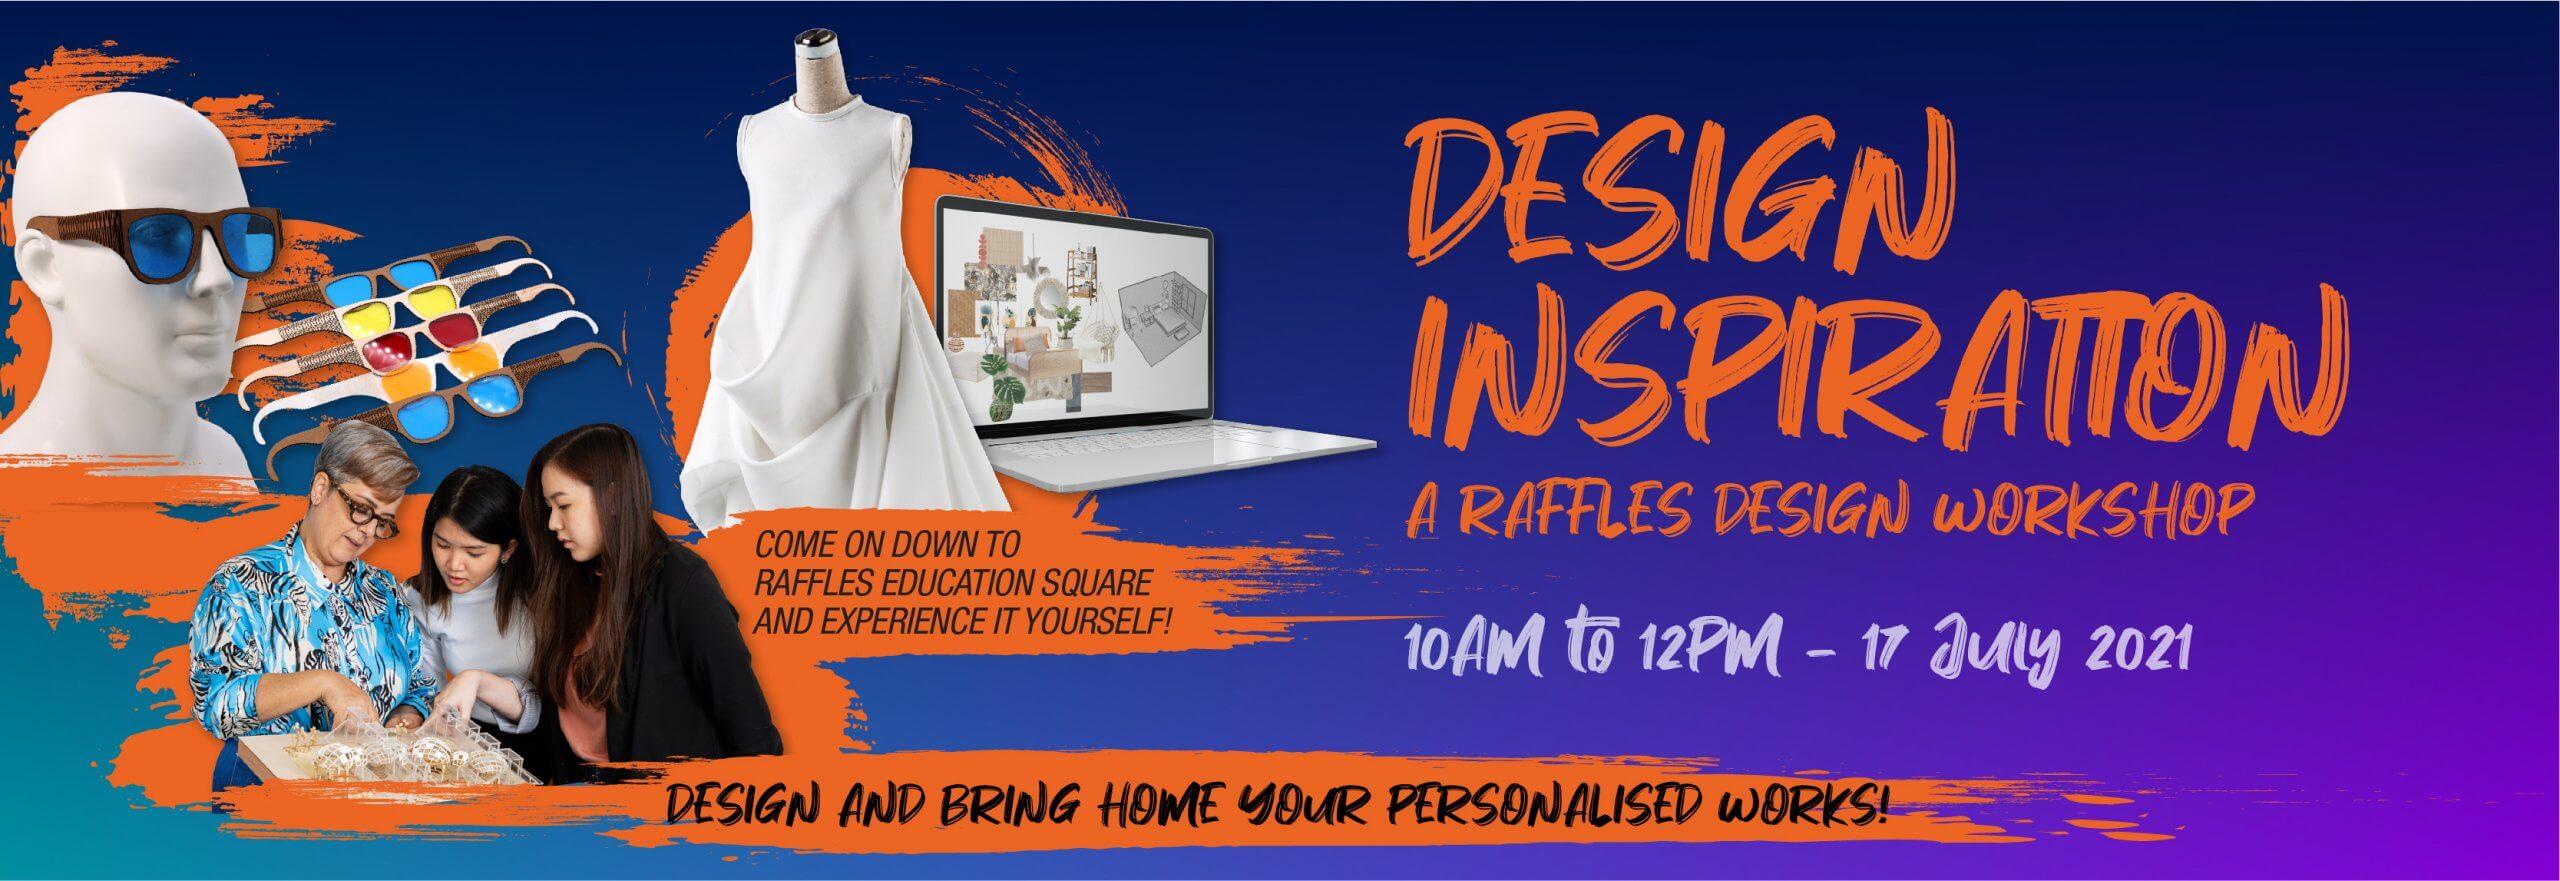 Design Inspiration a Raffles Design Workshop header banner